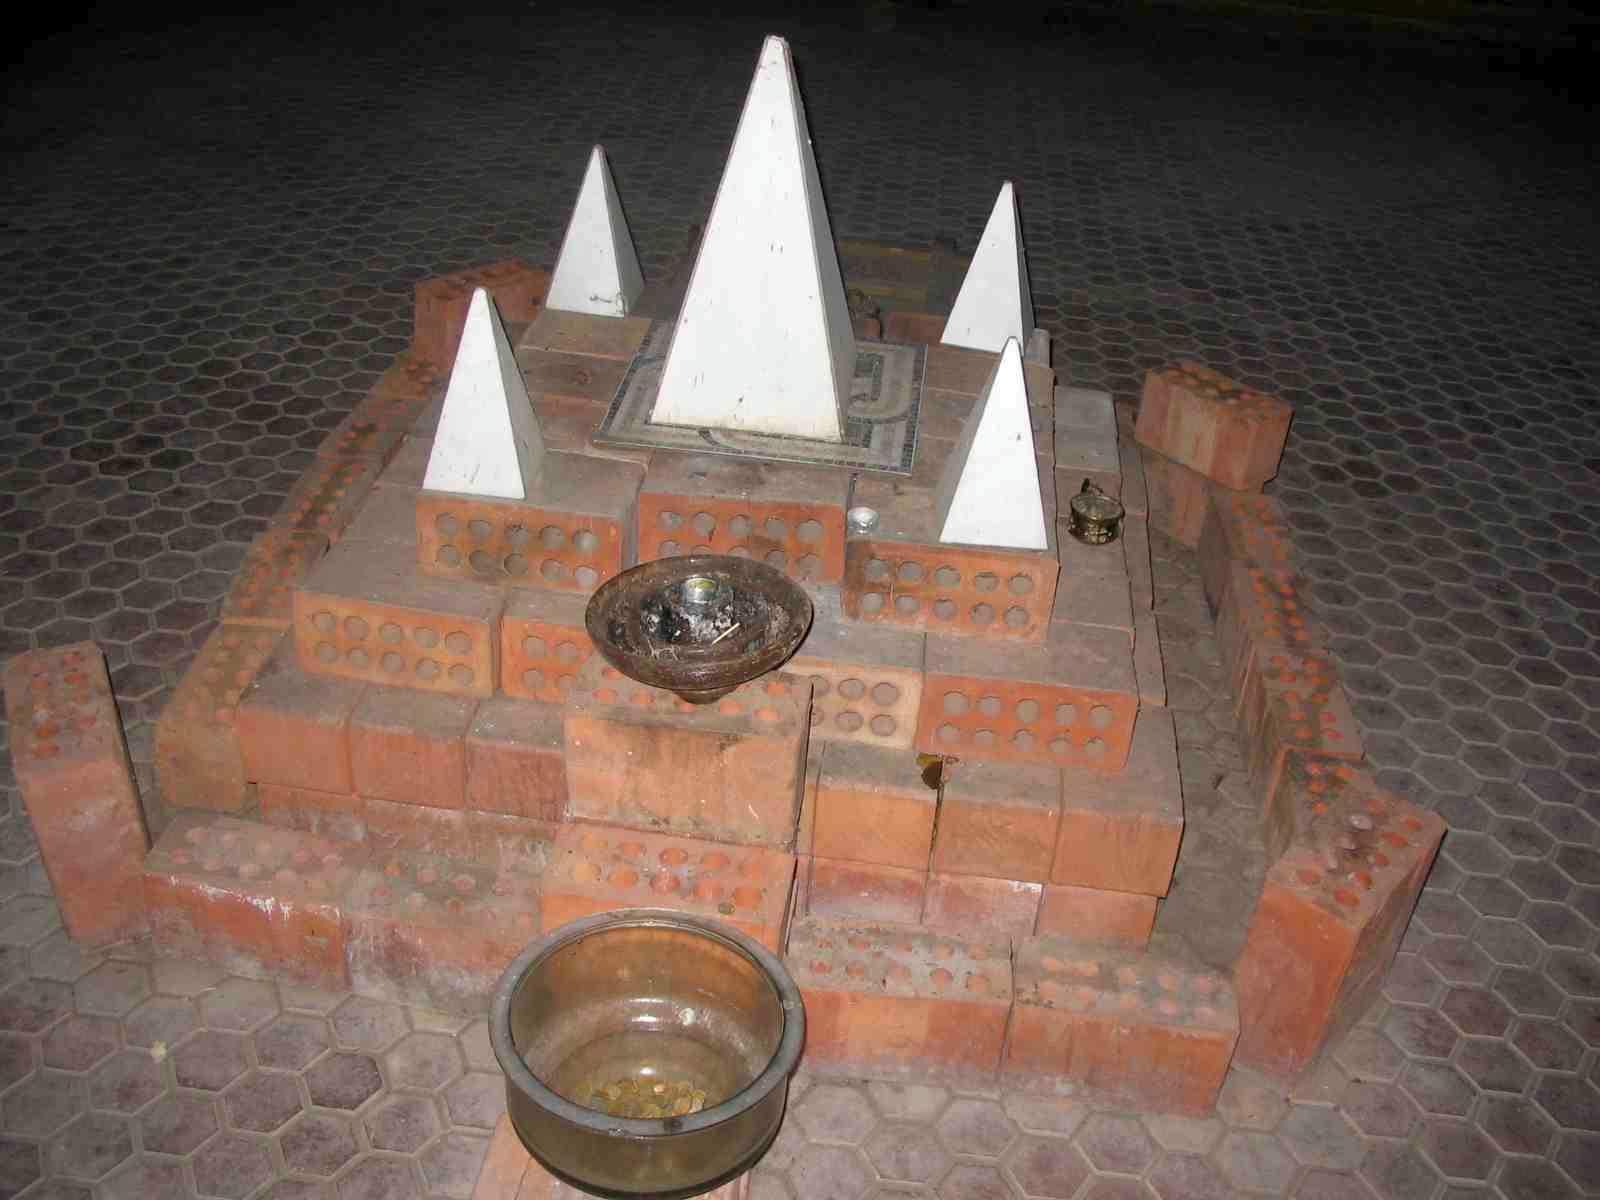 Внутри Астраханской пирамиды Голода. Строитель и инженер - Александр Голод, заказчик - Астраханьгазпром